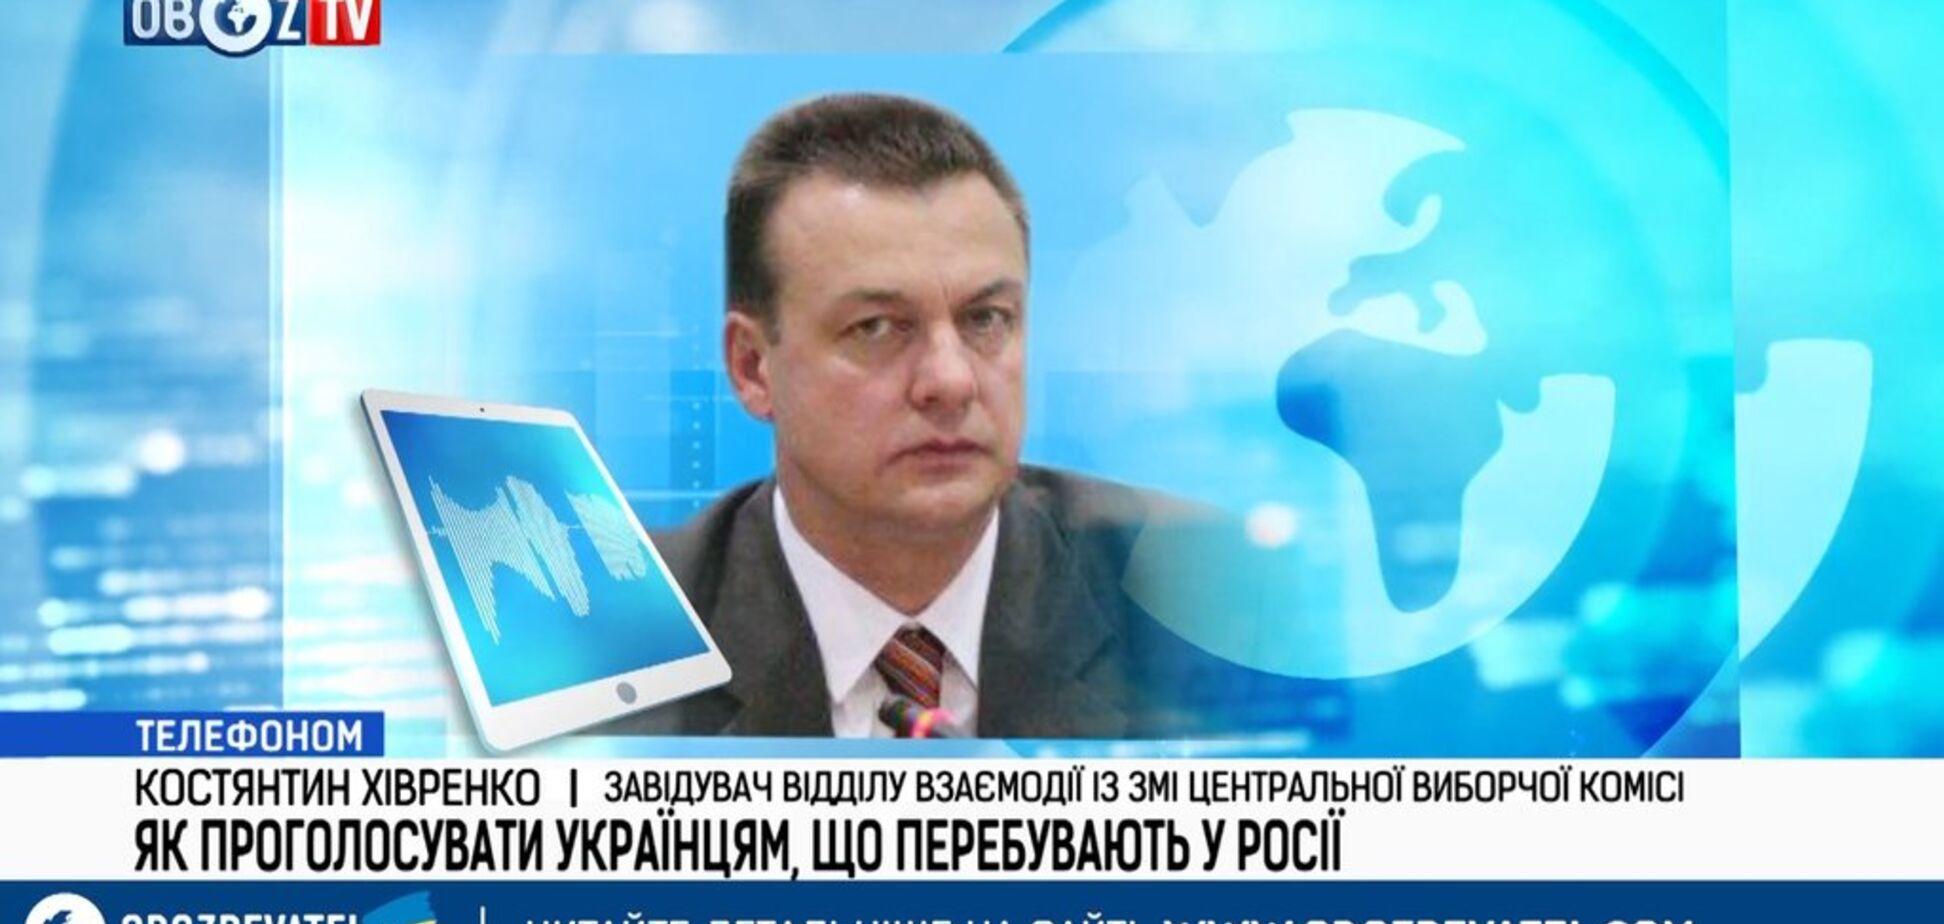 ''Избирательное право остается'' – в ЦИК разъяснили процедуру голосования украинцев, проживающих в РФ